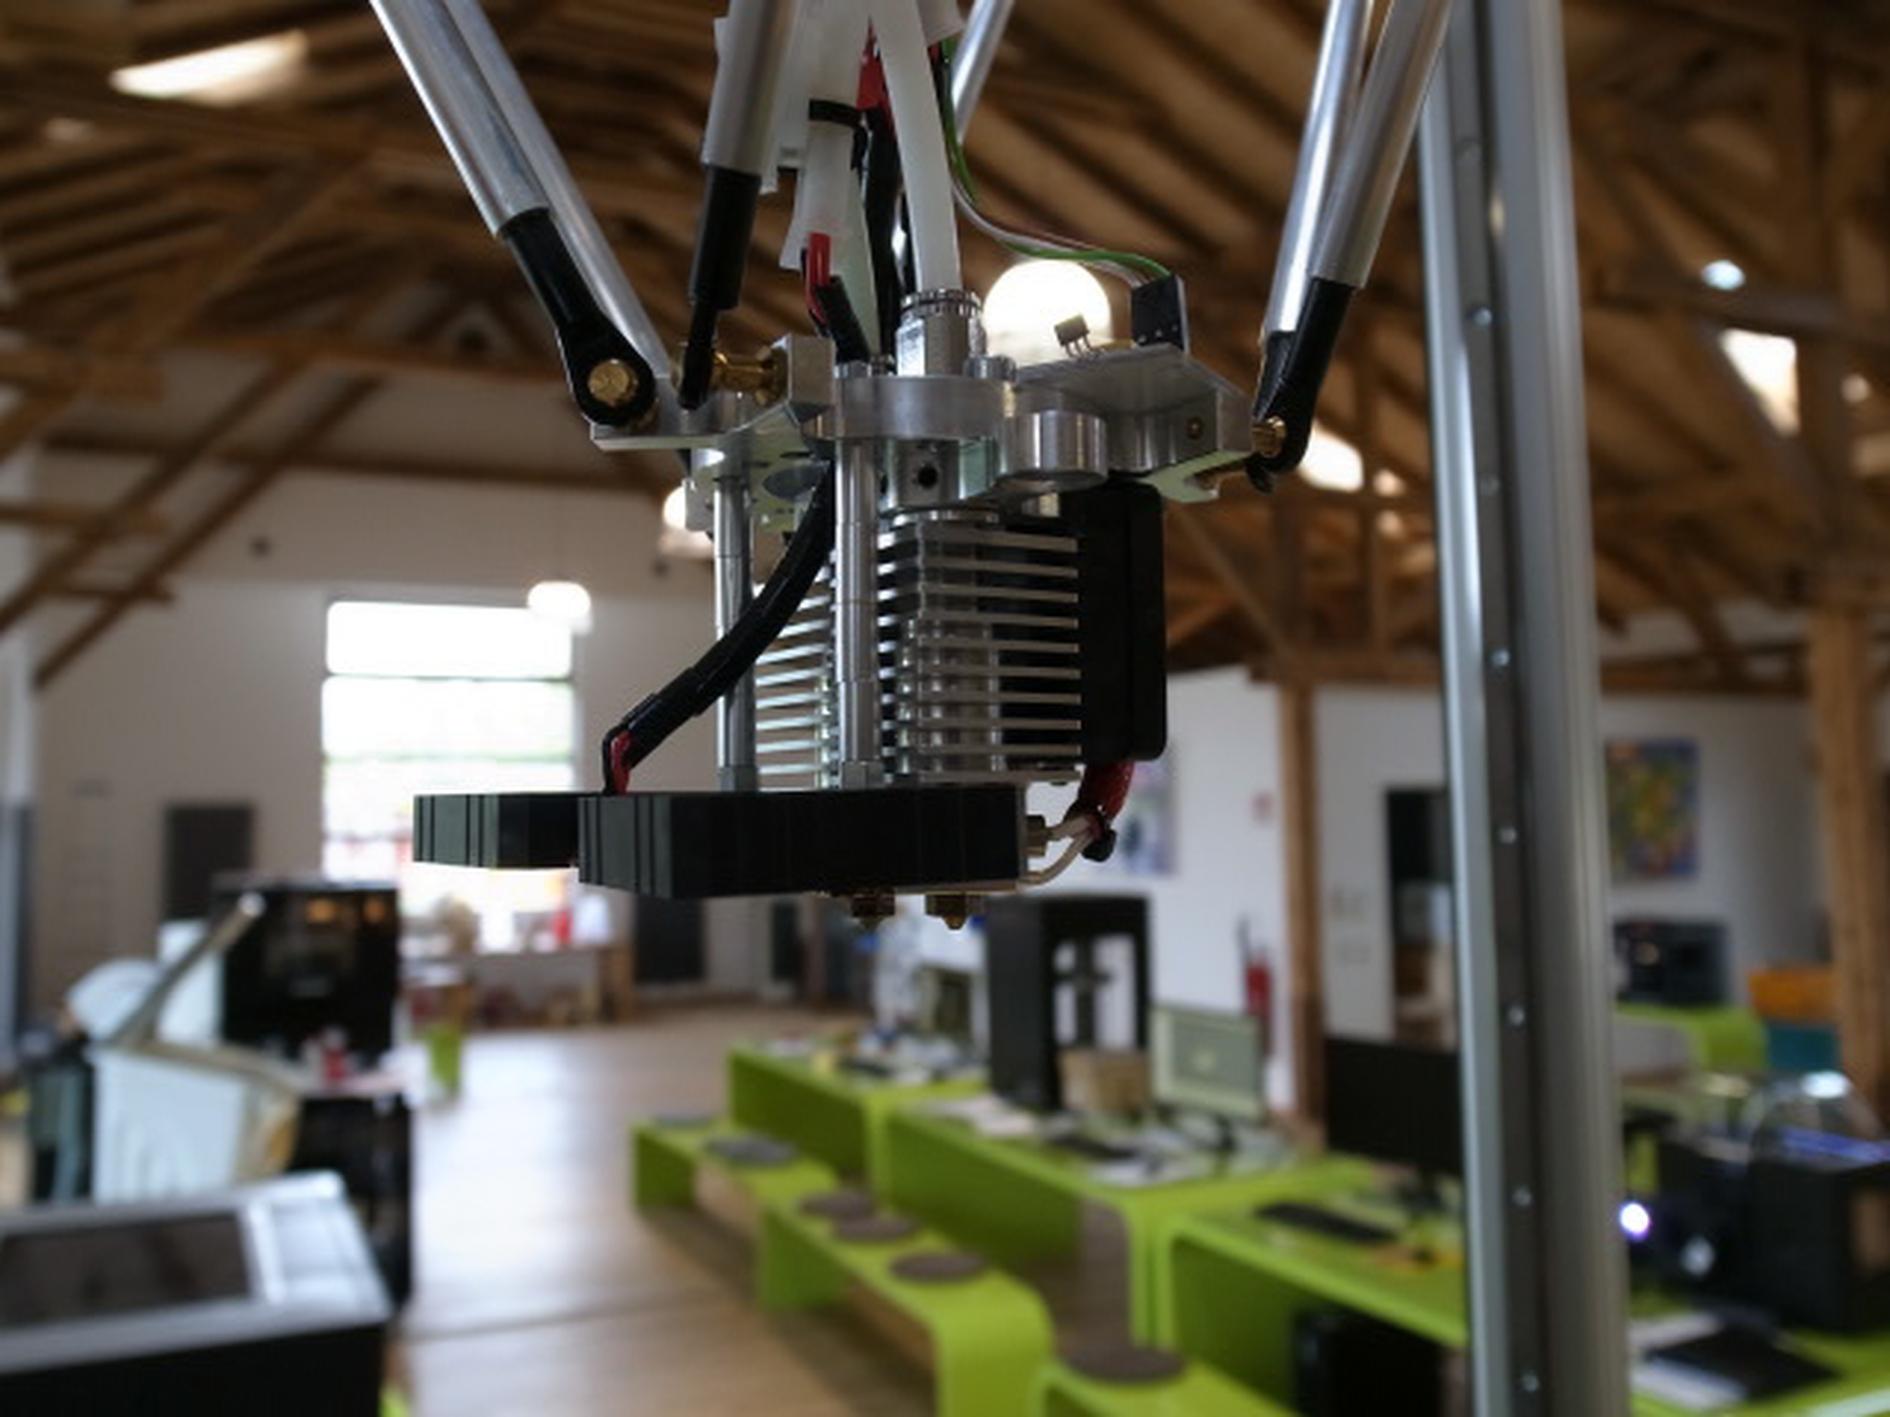 Der Druckkopf ist in der Standard-Ausführung mit einer 0,8 mm weiten Düse ausgestattet, mit der der aufgeschmolzene Werkstoff aufgetragen wird. Verwendet werden können dazu verschiedene Materialien einschließlich PLA und ABS.